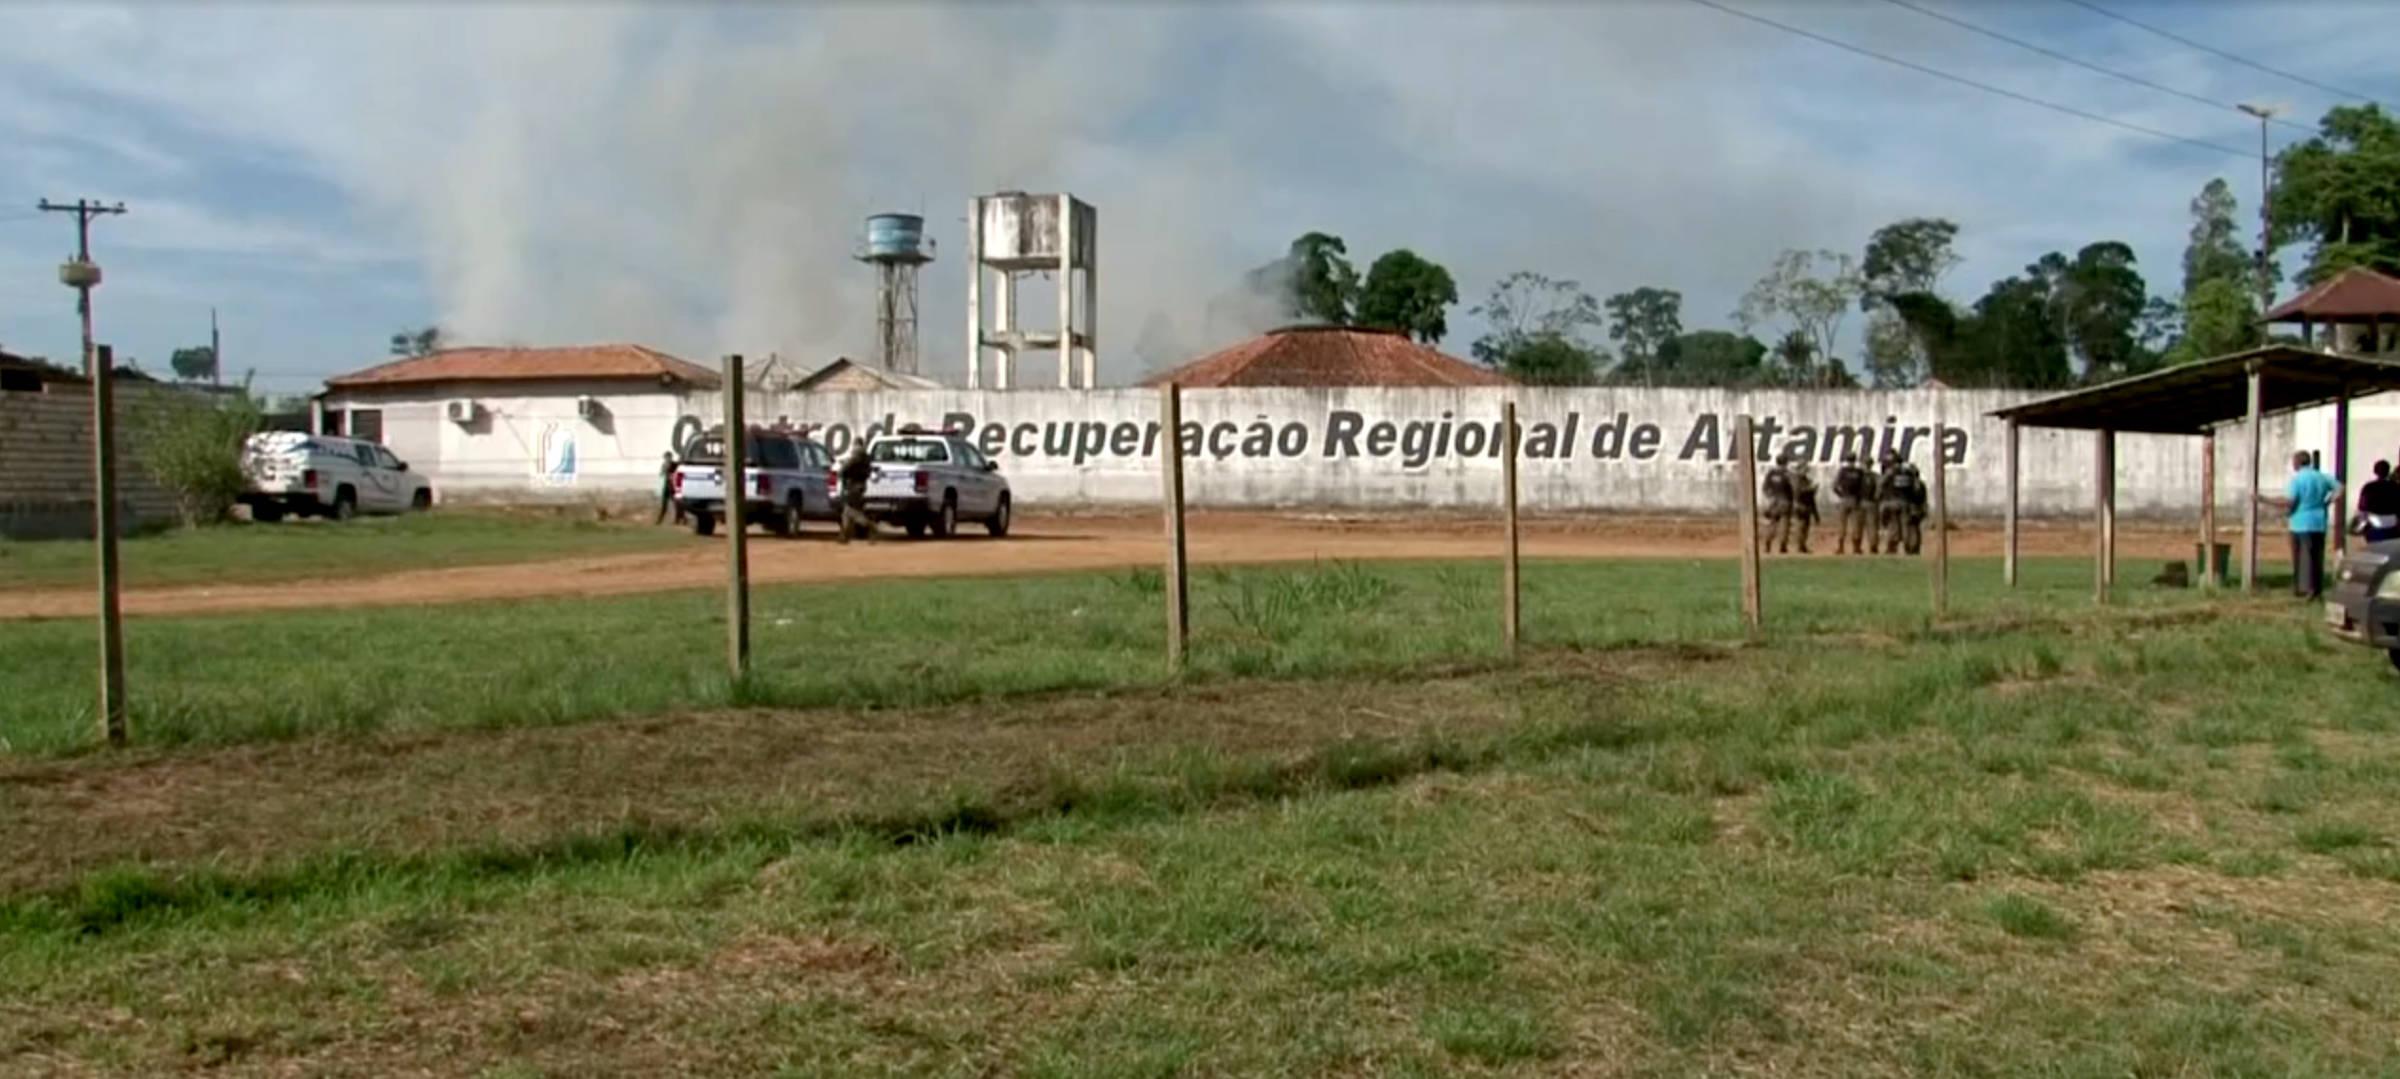 Foto de Massacre no Pará: 57 presos são mortos em Altamira após briga de facções